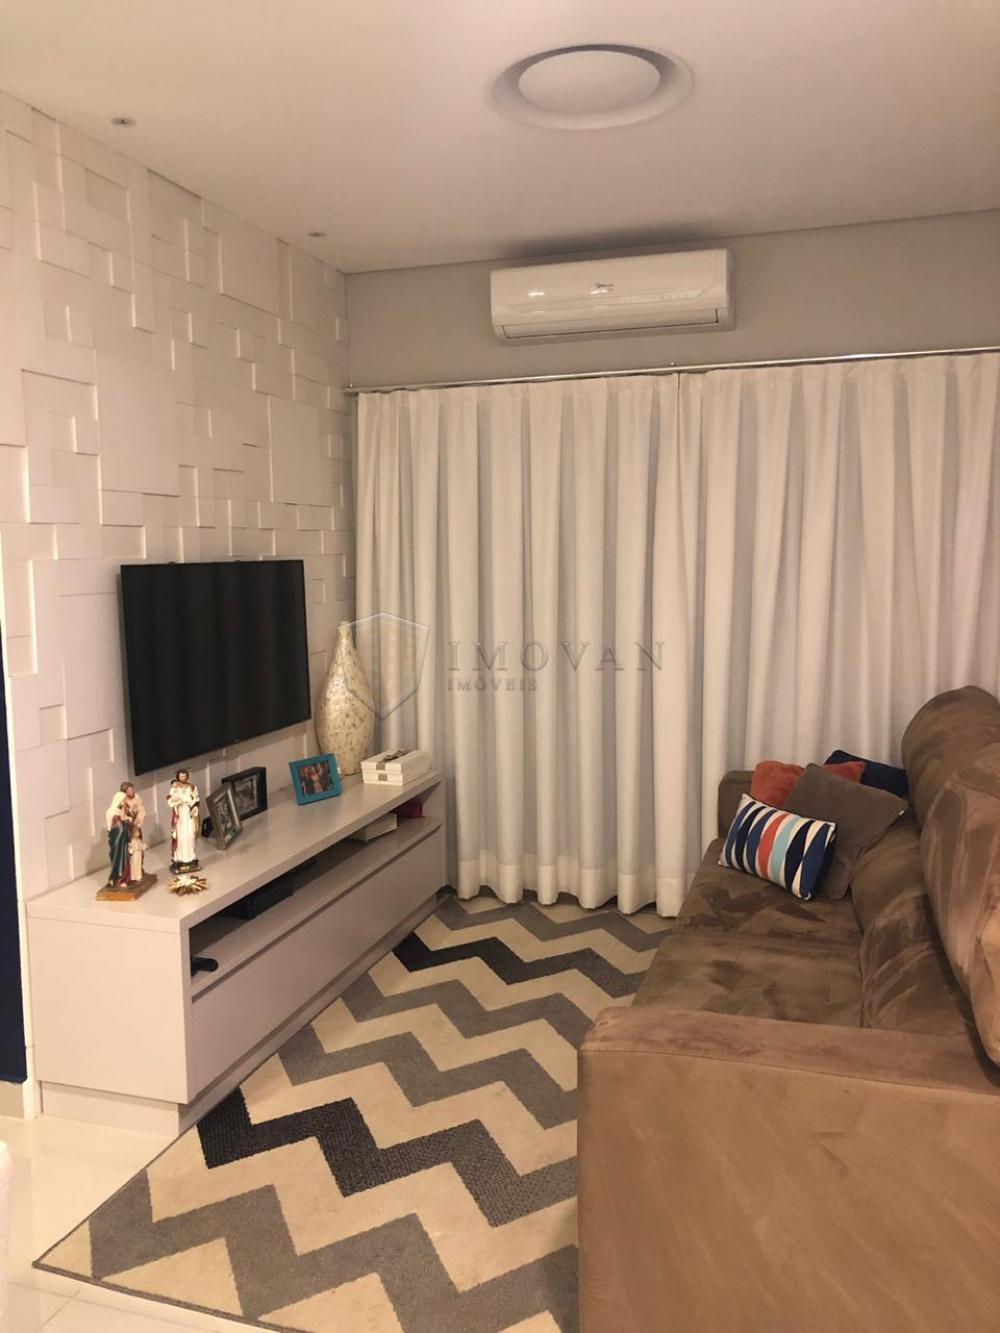 Comprar Apartamento / Padrão em Ribeirão Preto apenas R$ 695.000,00 - Foto 4